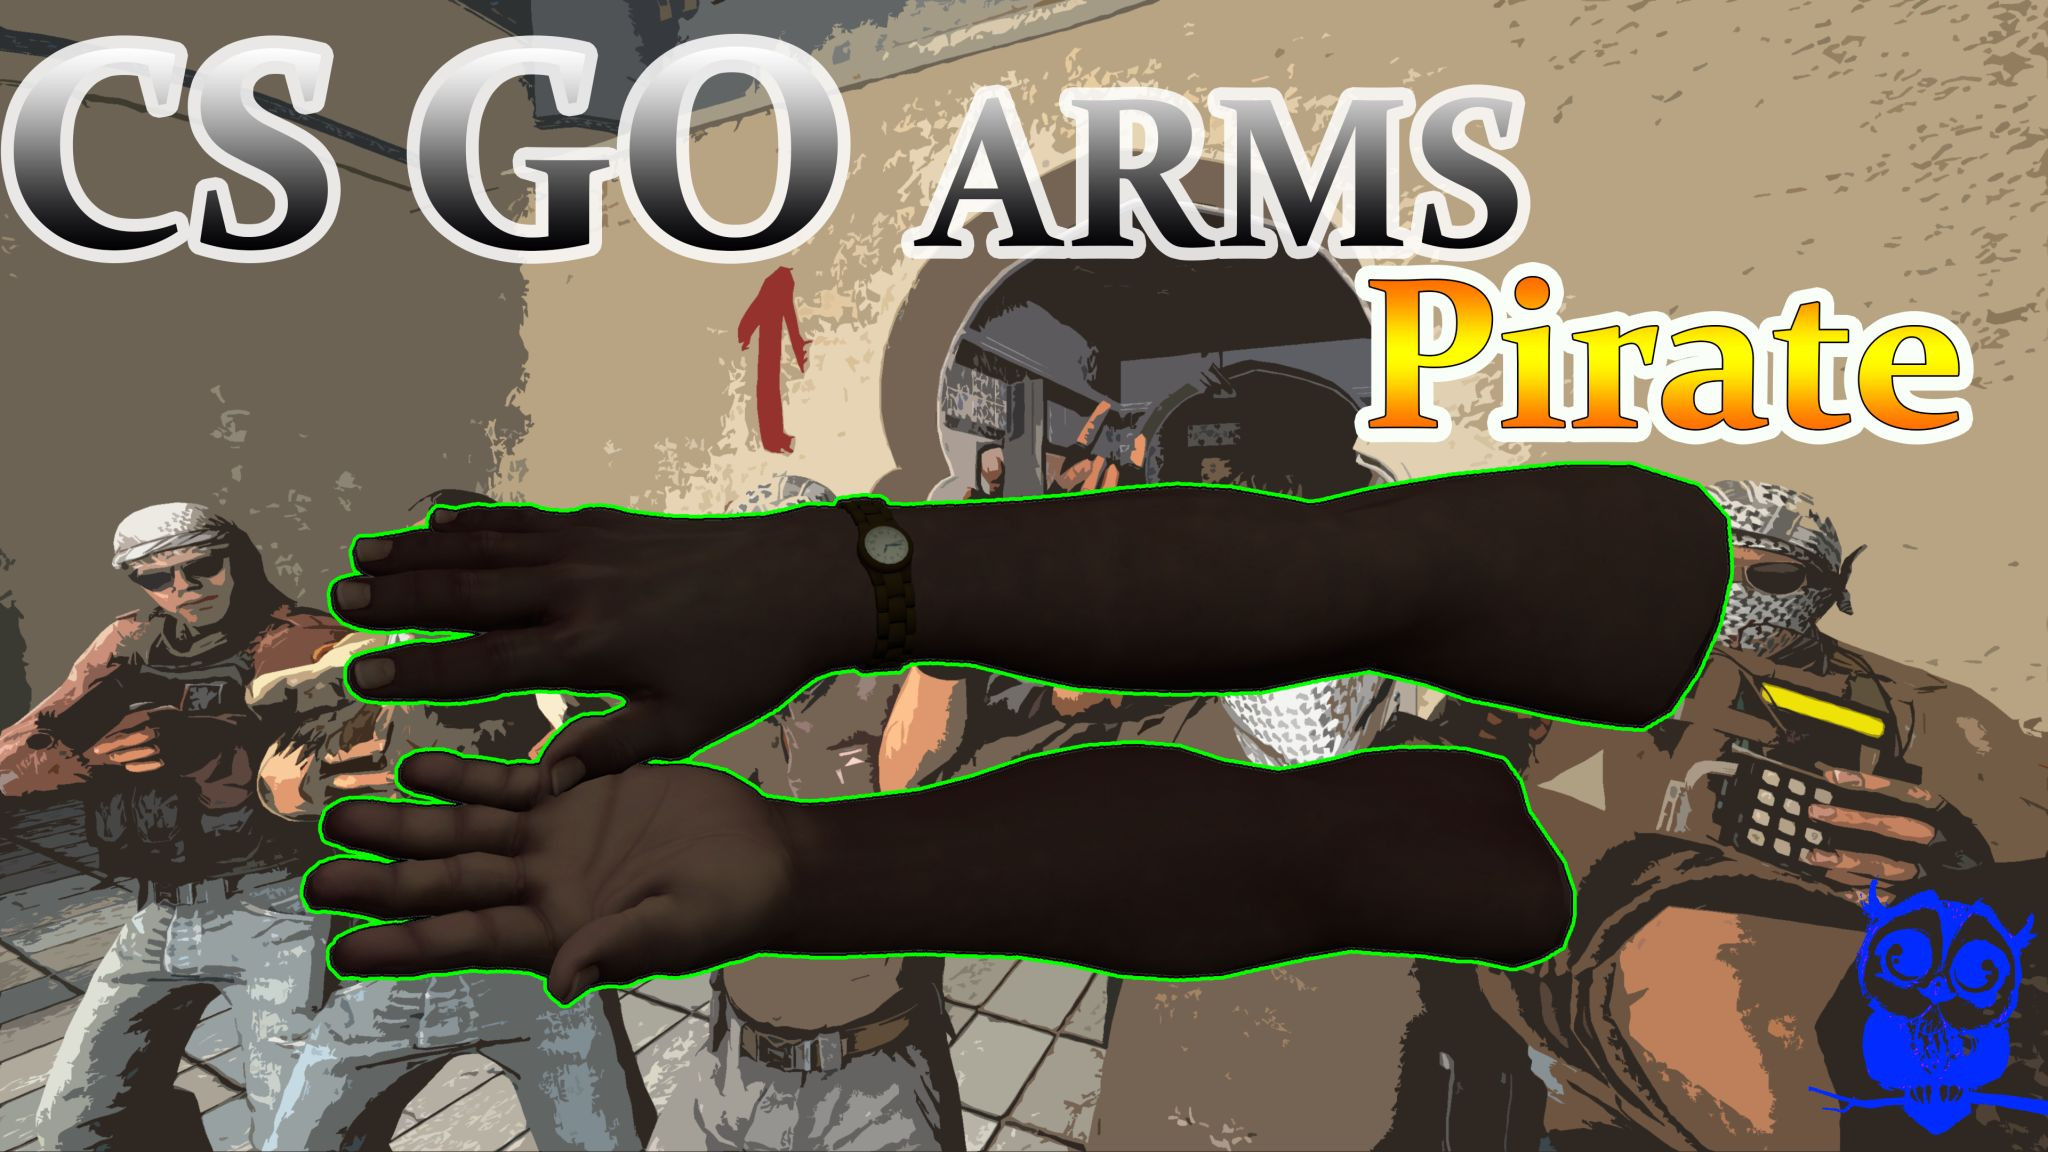 دانلود دست کش کانتر گو CS:GO Arms pirate برای کانتر 1.6